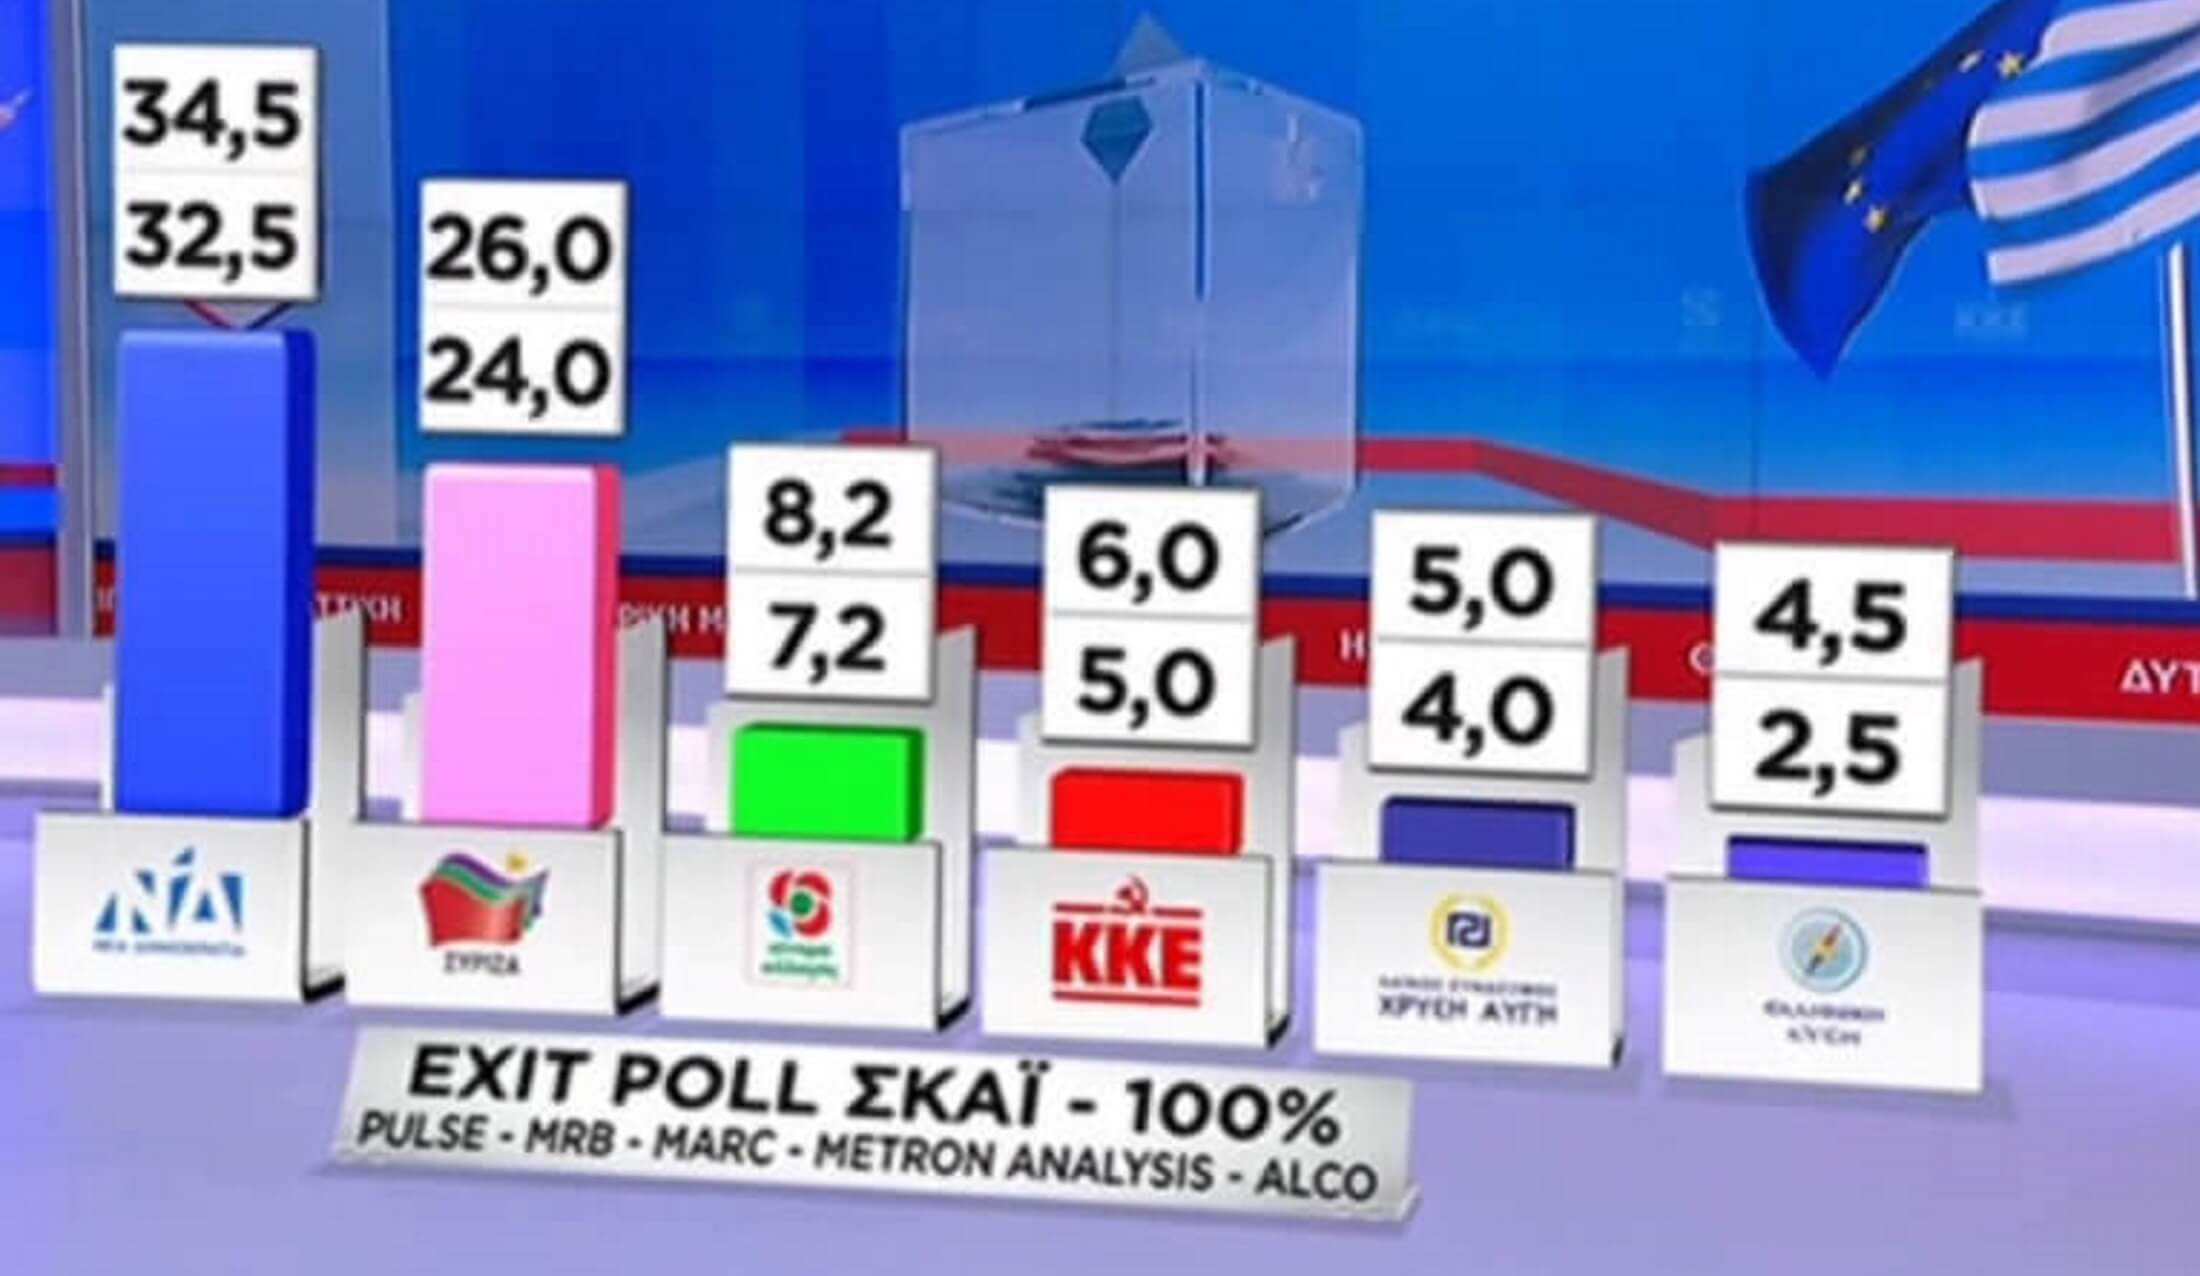 Τελικό exit poll: Πάνω από 8 μονάδες μπροστά η ΝΔ από τον ΣΥΡΙΖΑ - Τρίτο το ΚΙΝΑΛ - Καταποντισμός της Χρυσής Αυγής